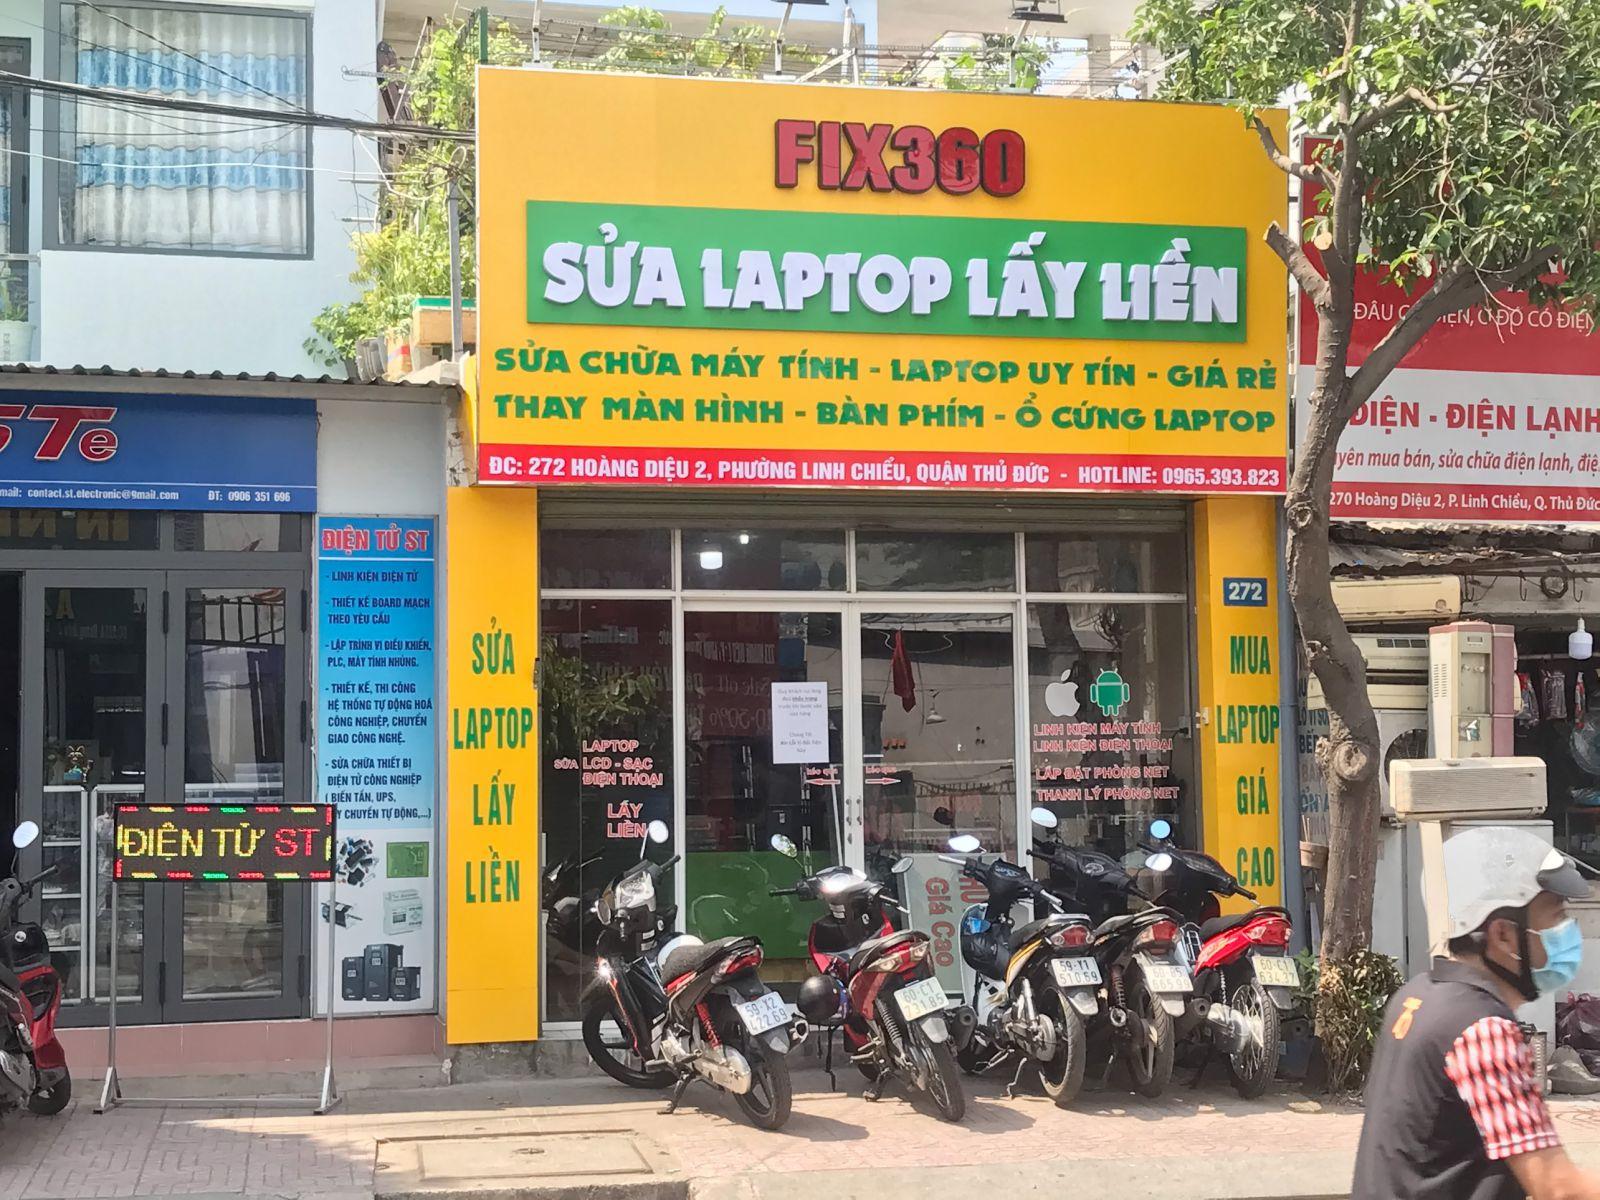 Báo giá vệ sinh máy tính laptop trực tiếp theo dõi đợi lấy liền phường tam phú quận thủ đức |fix360